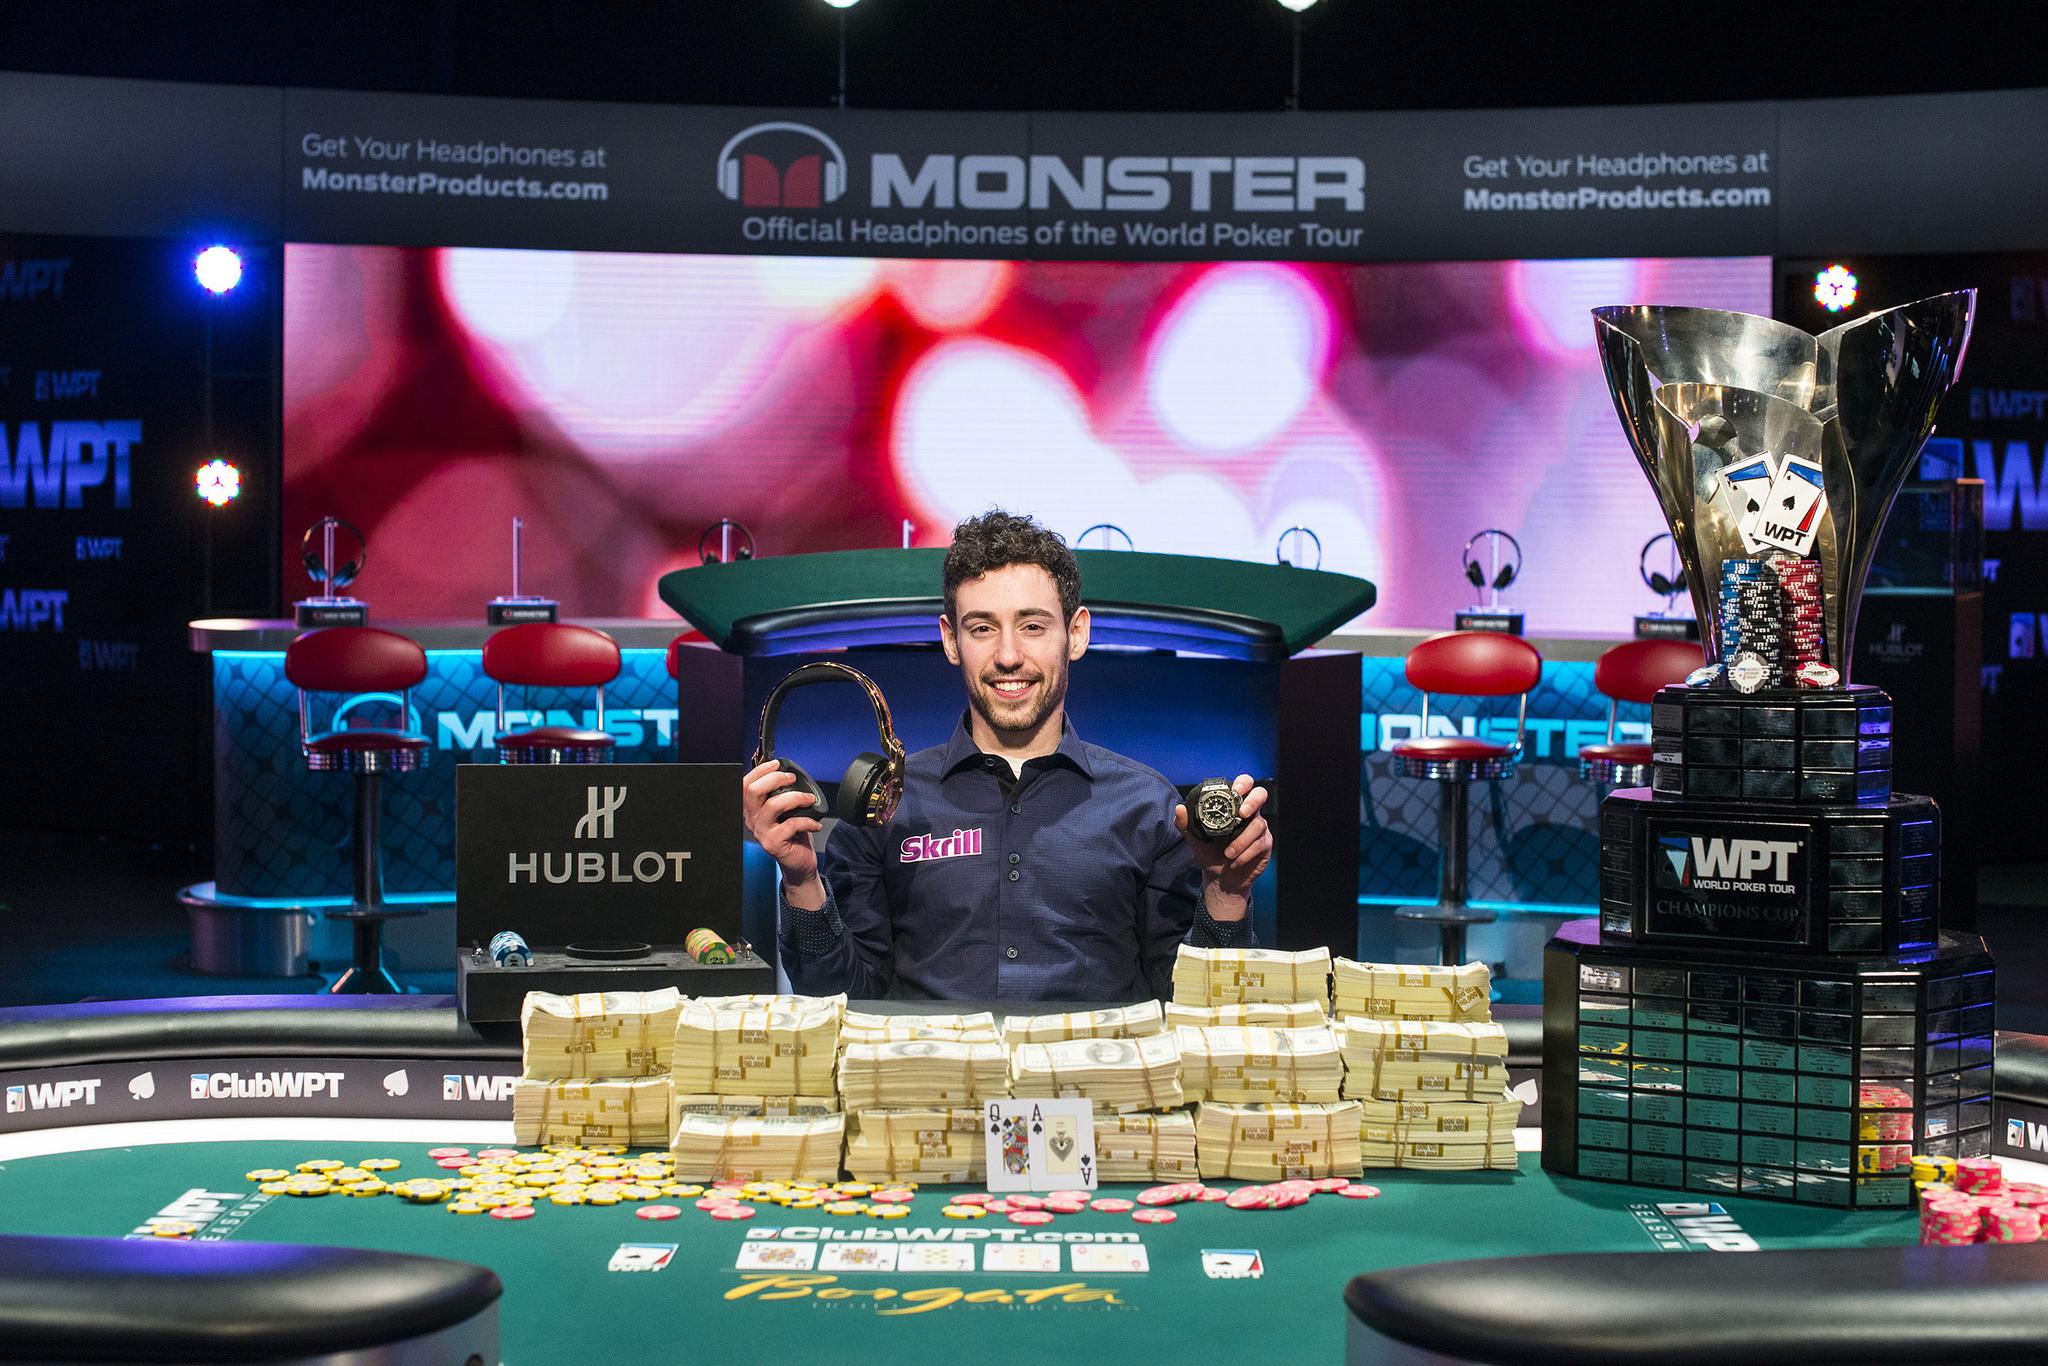 Borgata winter poker open 2016 results actors in the film casino